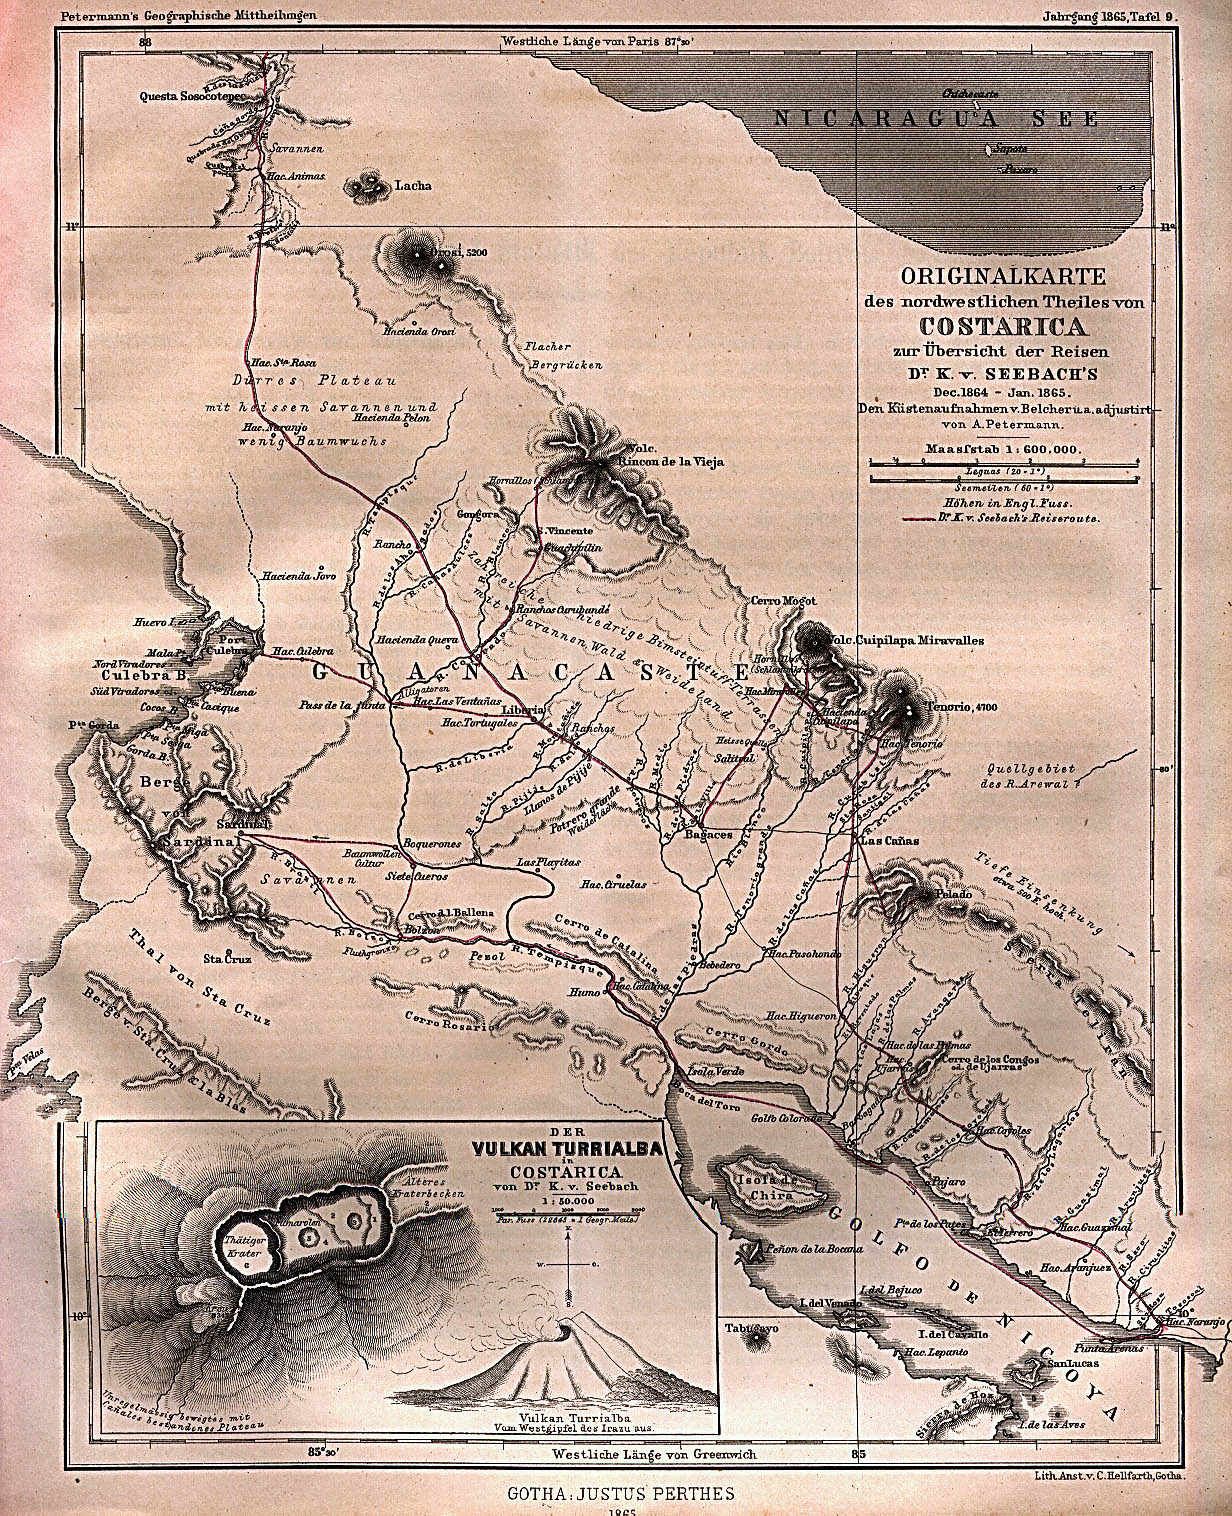 Mapa del Norte-Occidente de Costa Rica 1865